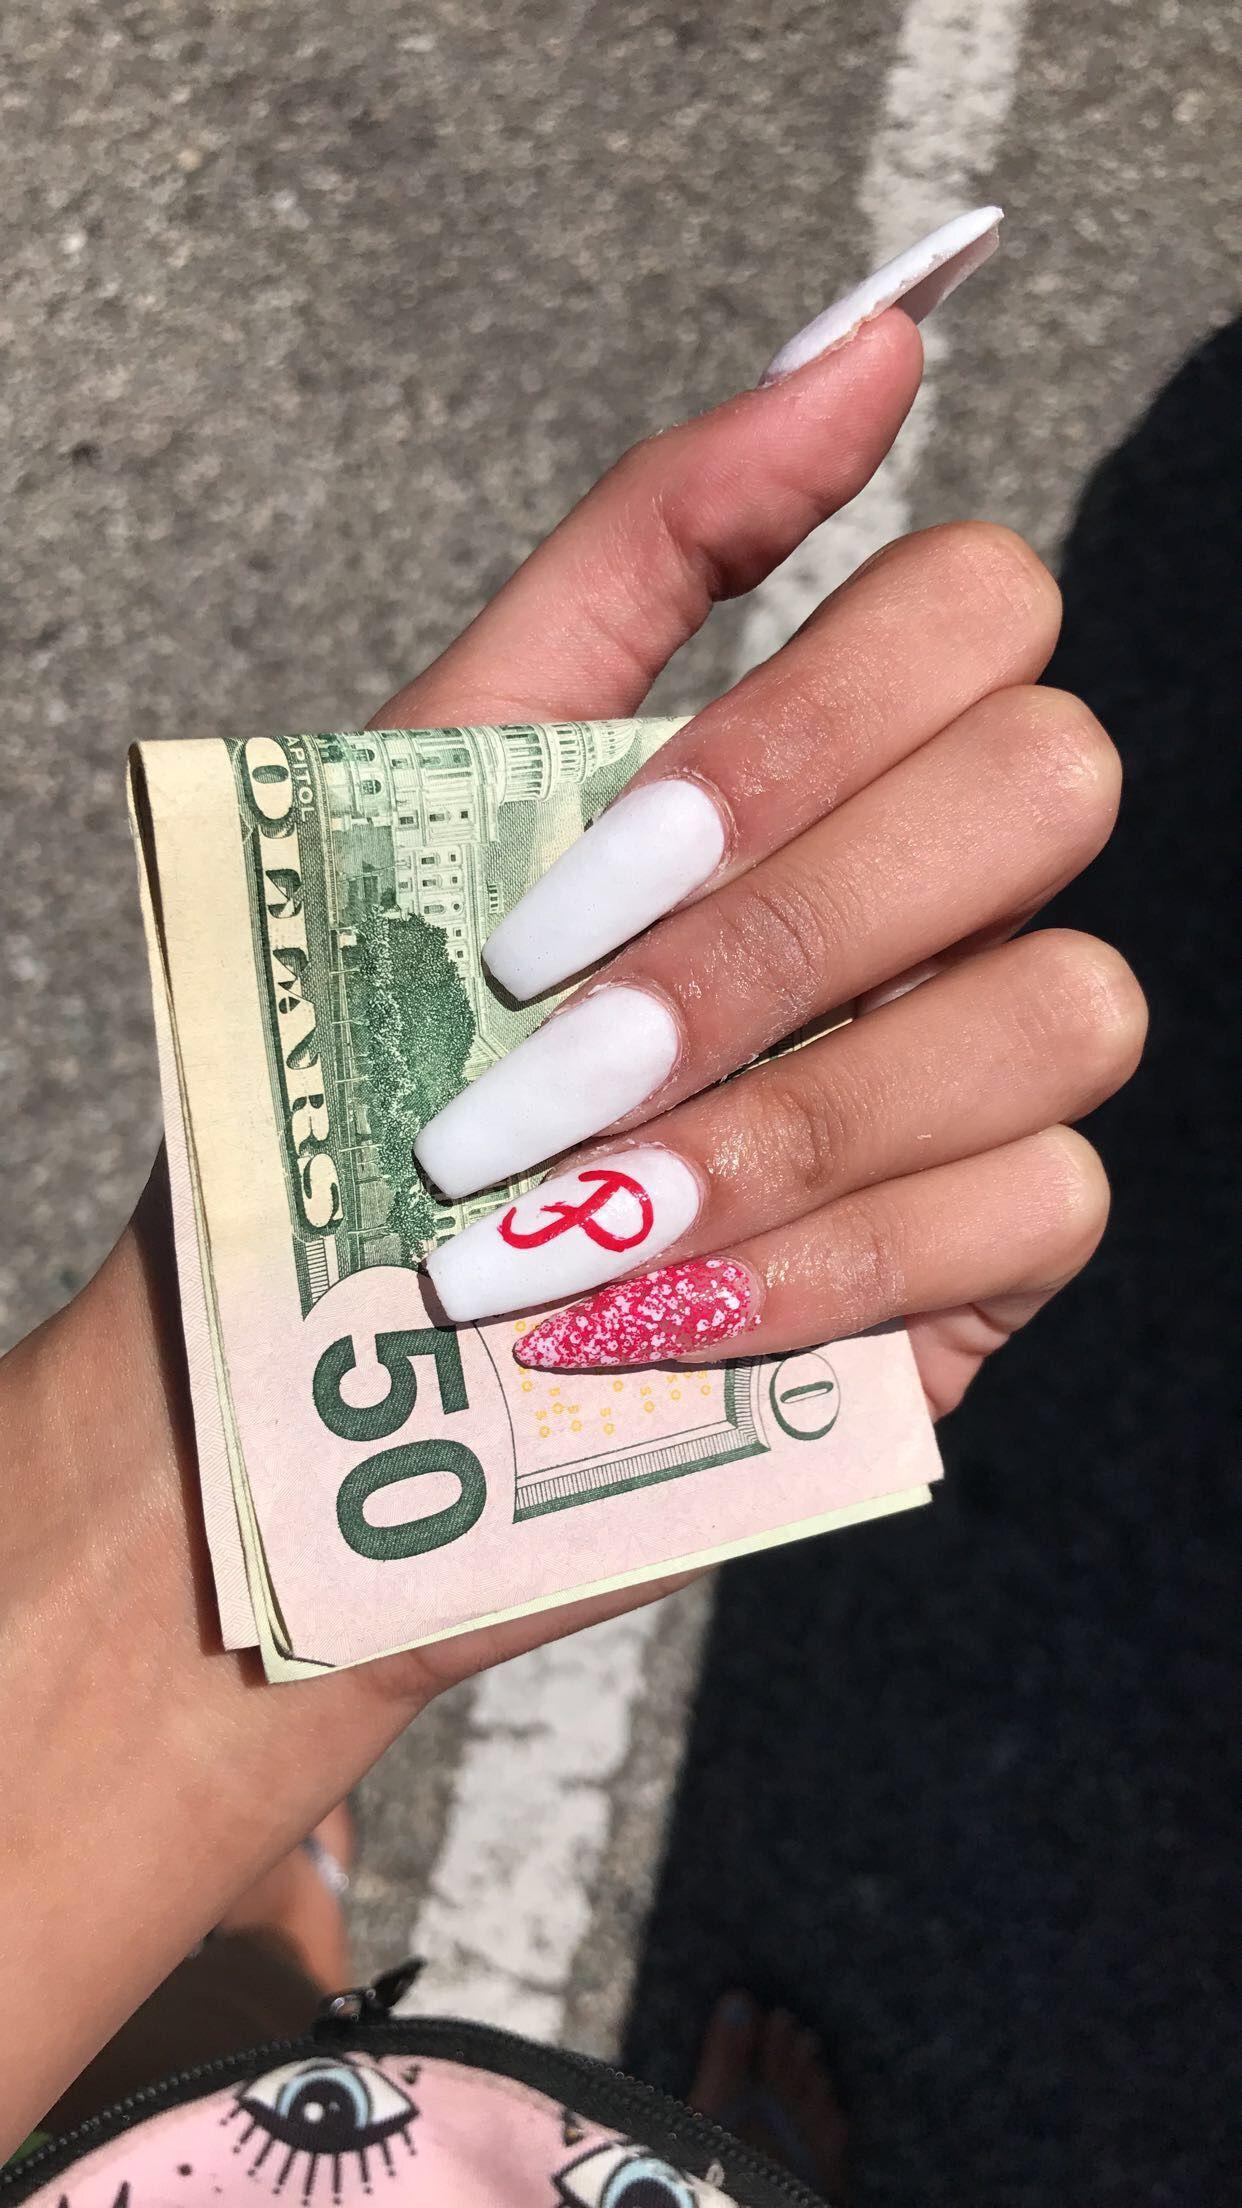 Boyfriends Initials Coffin White Red Nails Stiletto Neutral Nails Gel Nails Boyfriend Initials